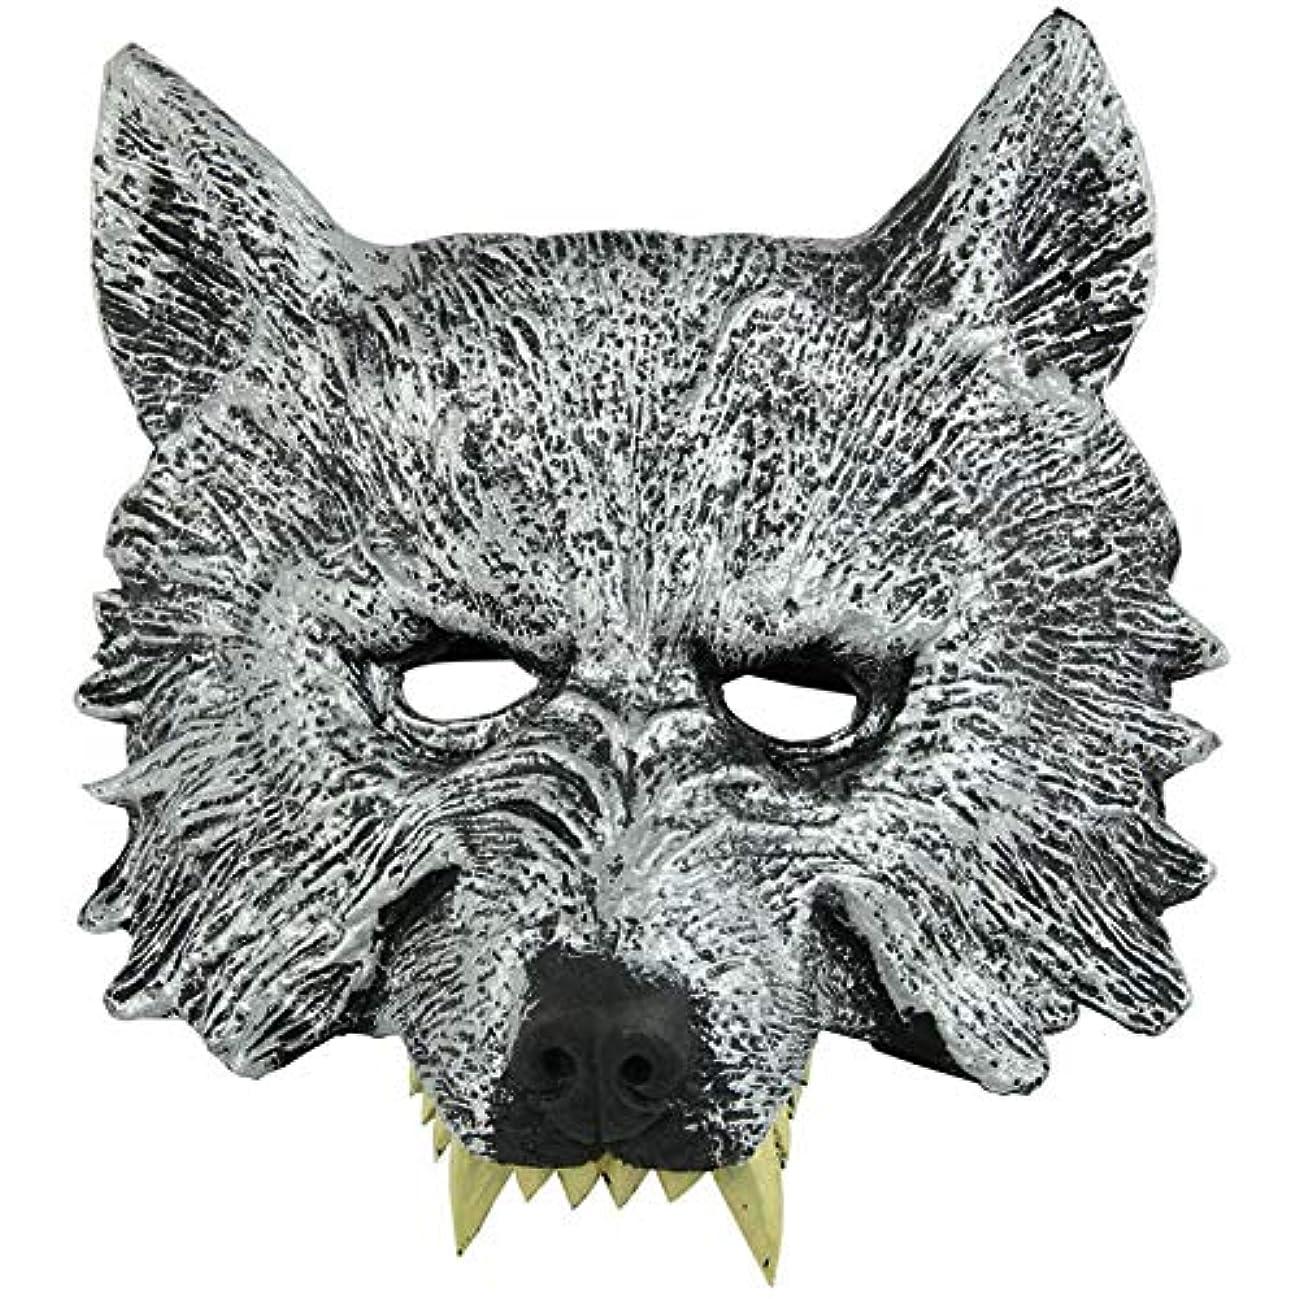 く鉛容量オオカミヘッドマスク全身小道具ホリデー用品仮面舞踏会マスクハロウィンマスク